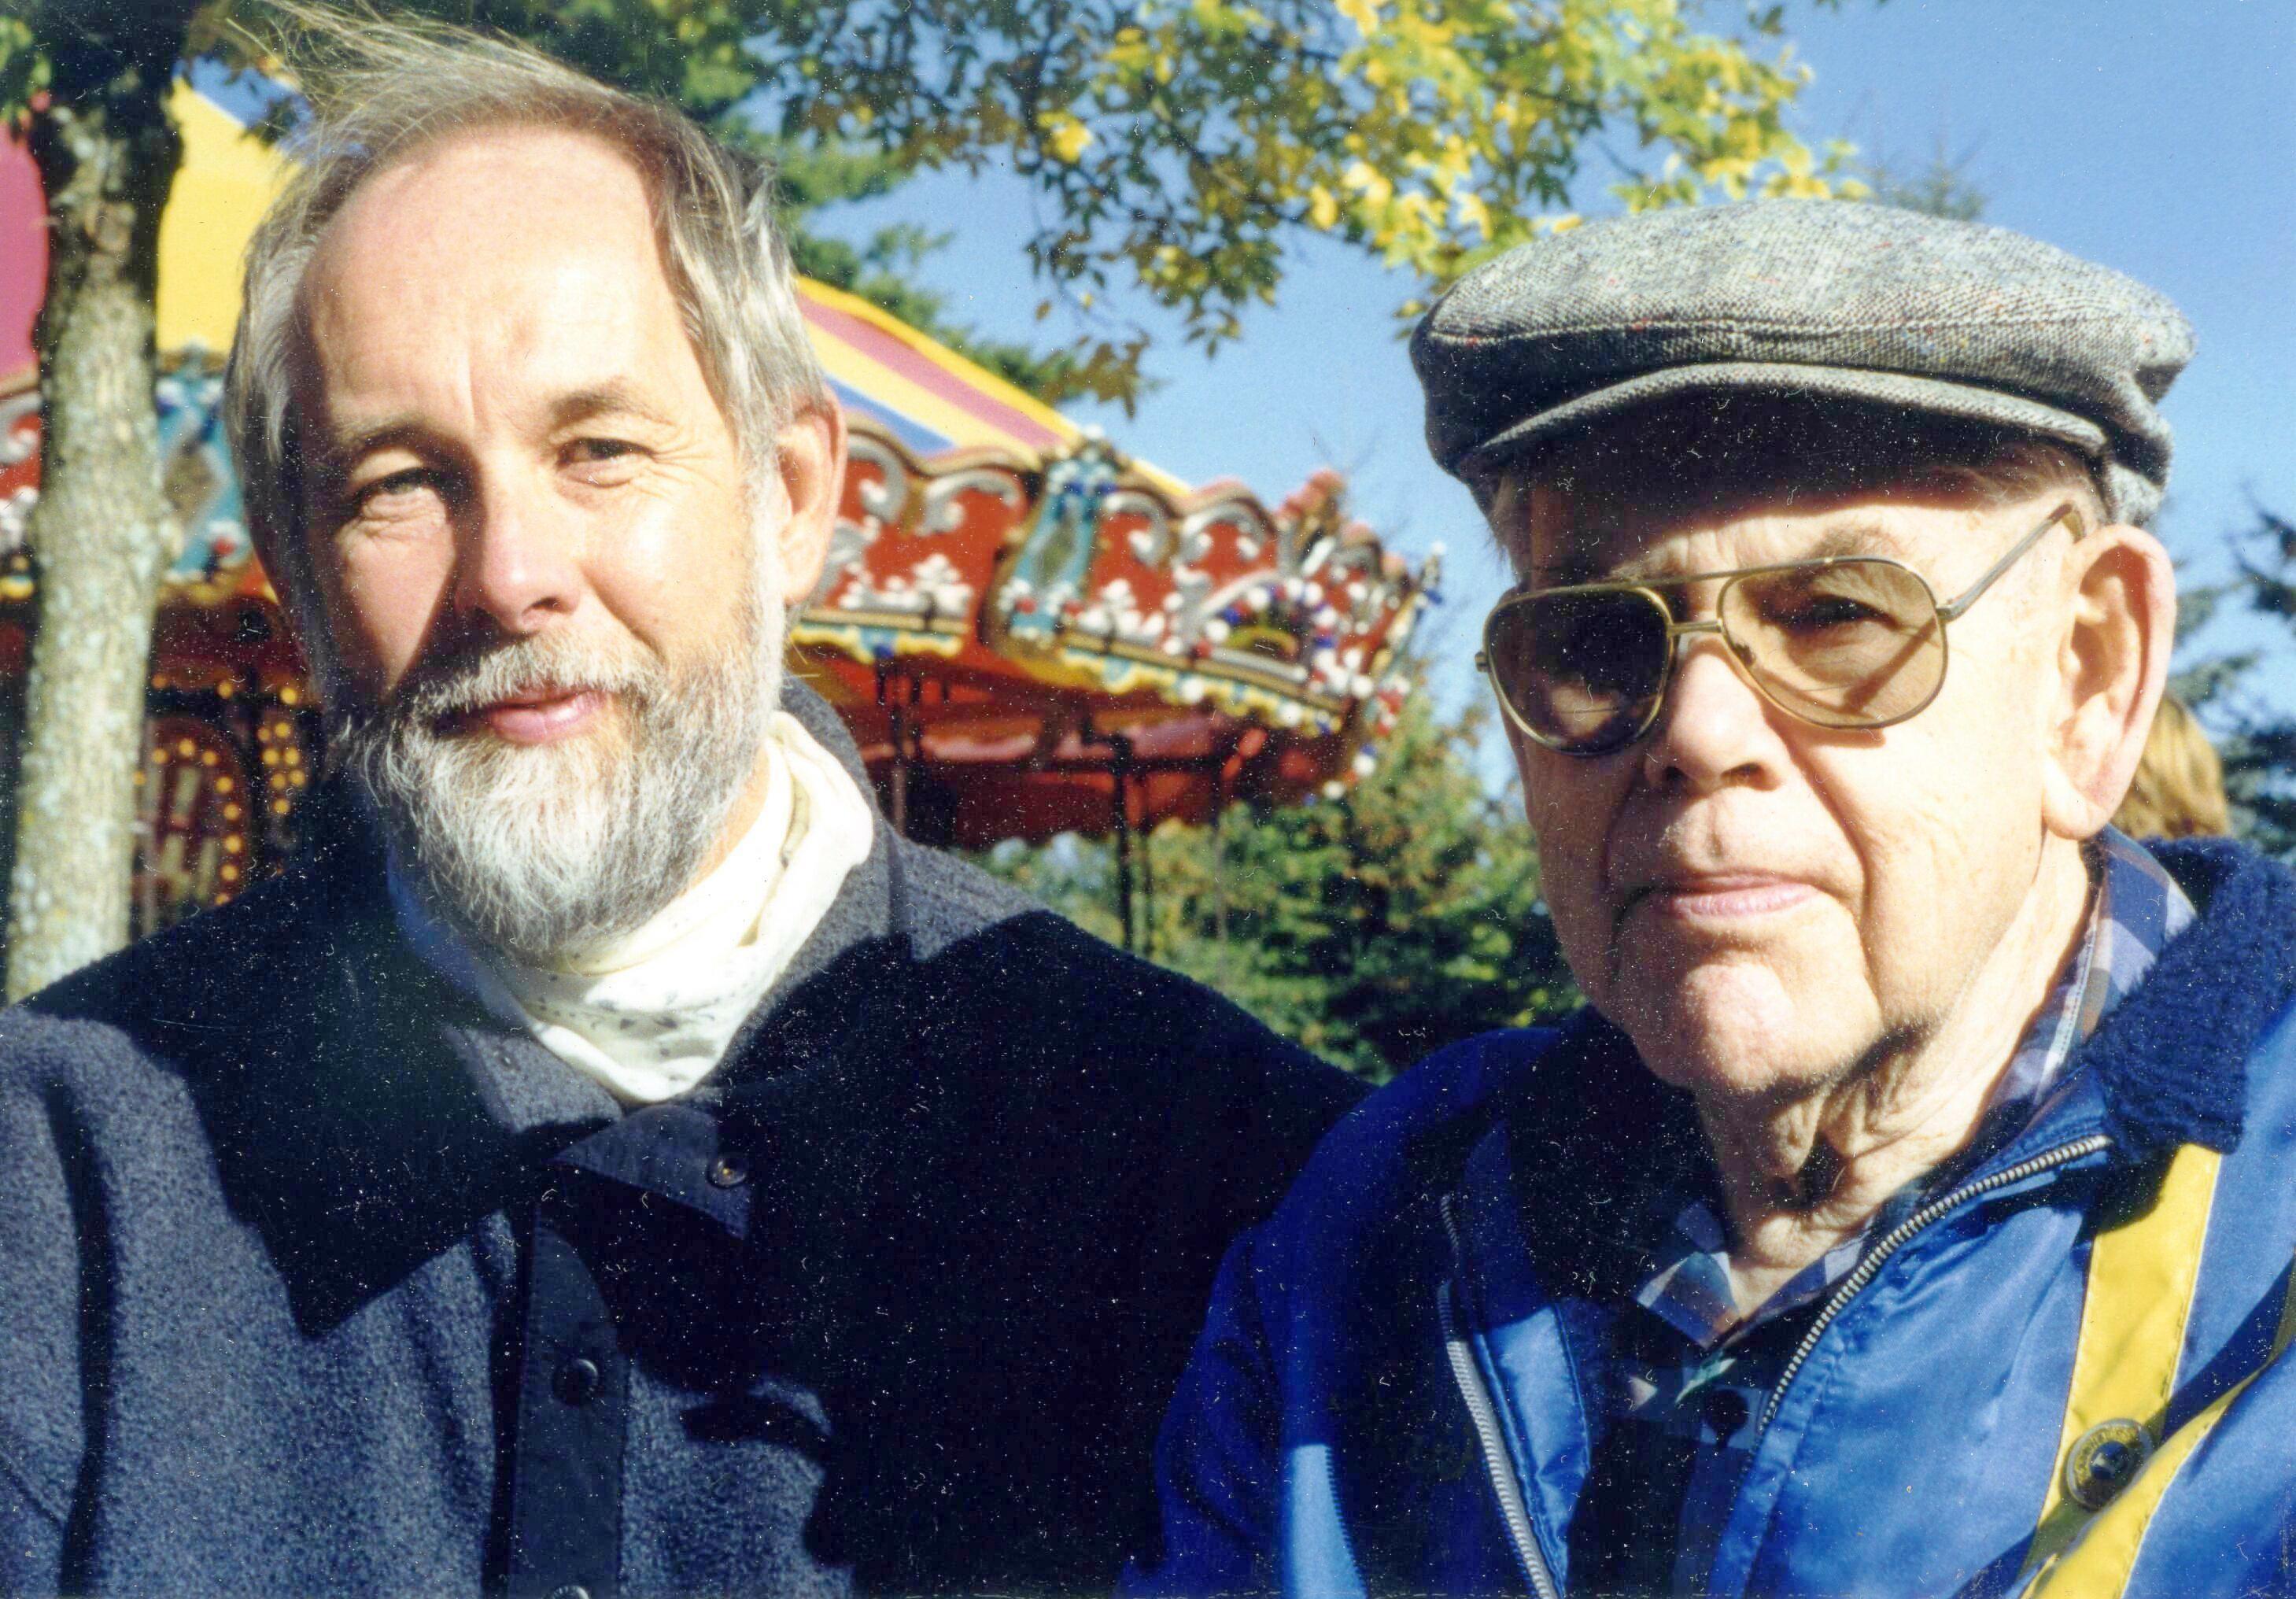 Bob-Martin-Weir-at-Ruby-Tree-Farm-1998c-fall-600pxw-224x156